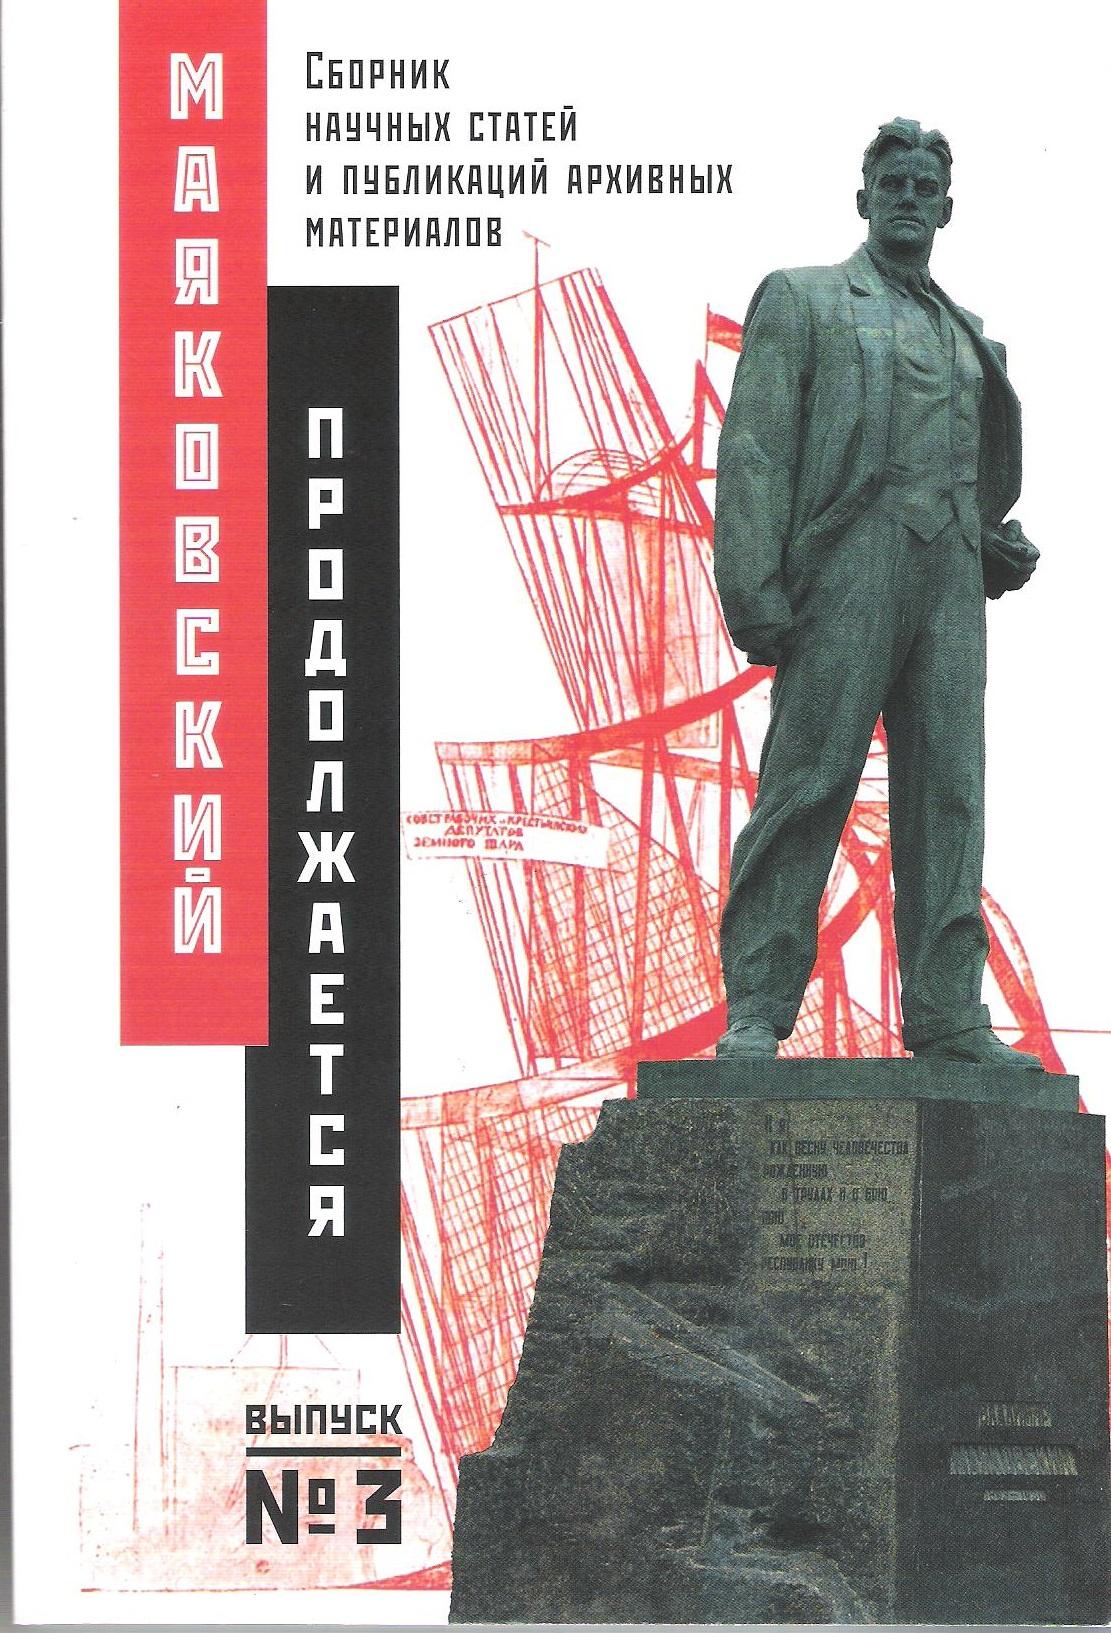 6 Mayakovsky prodolzhaetsya